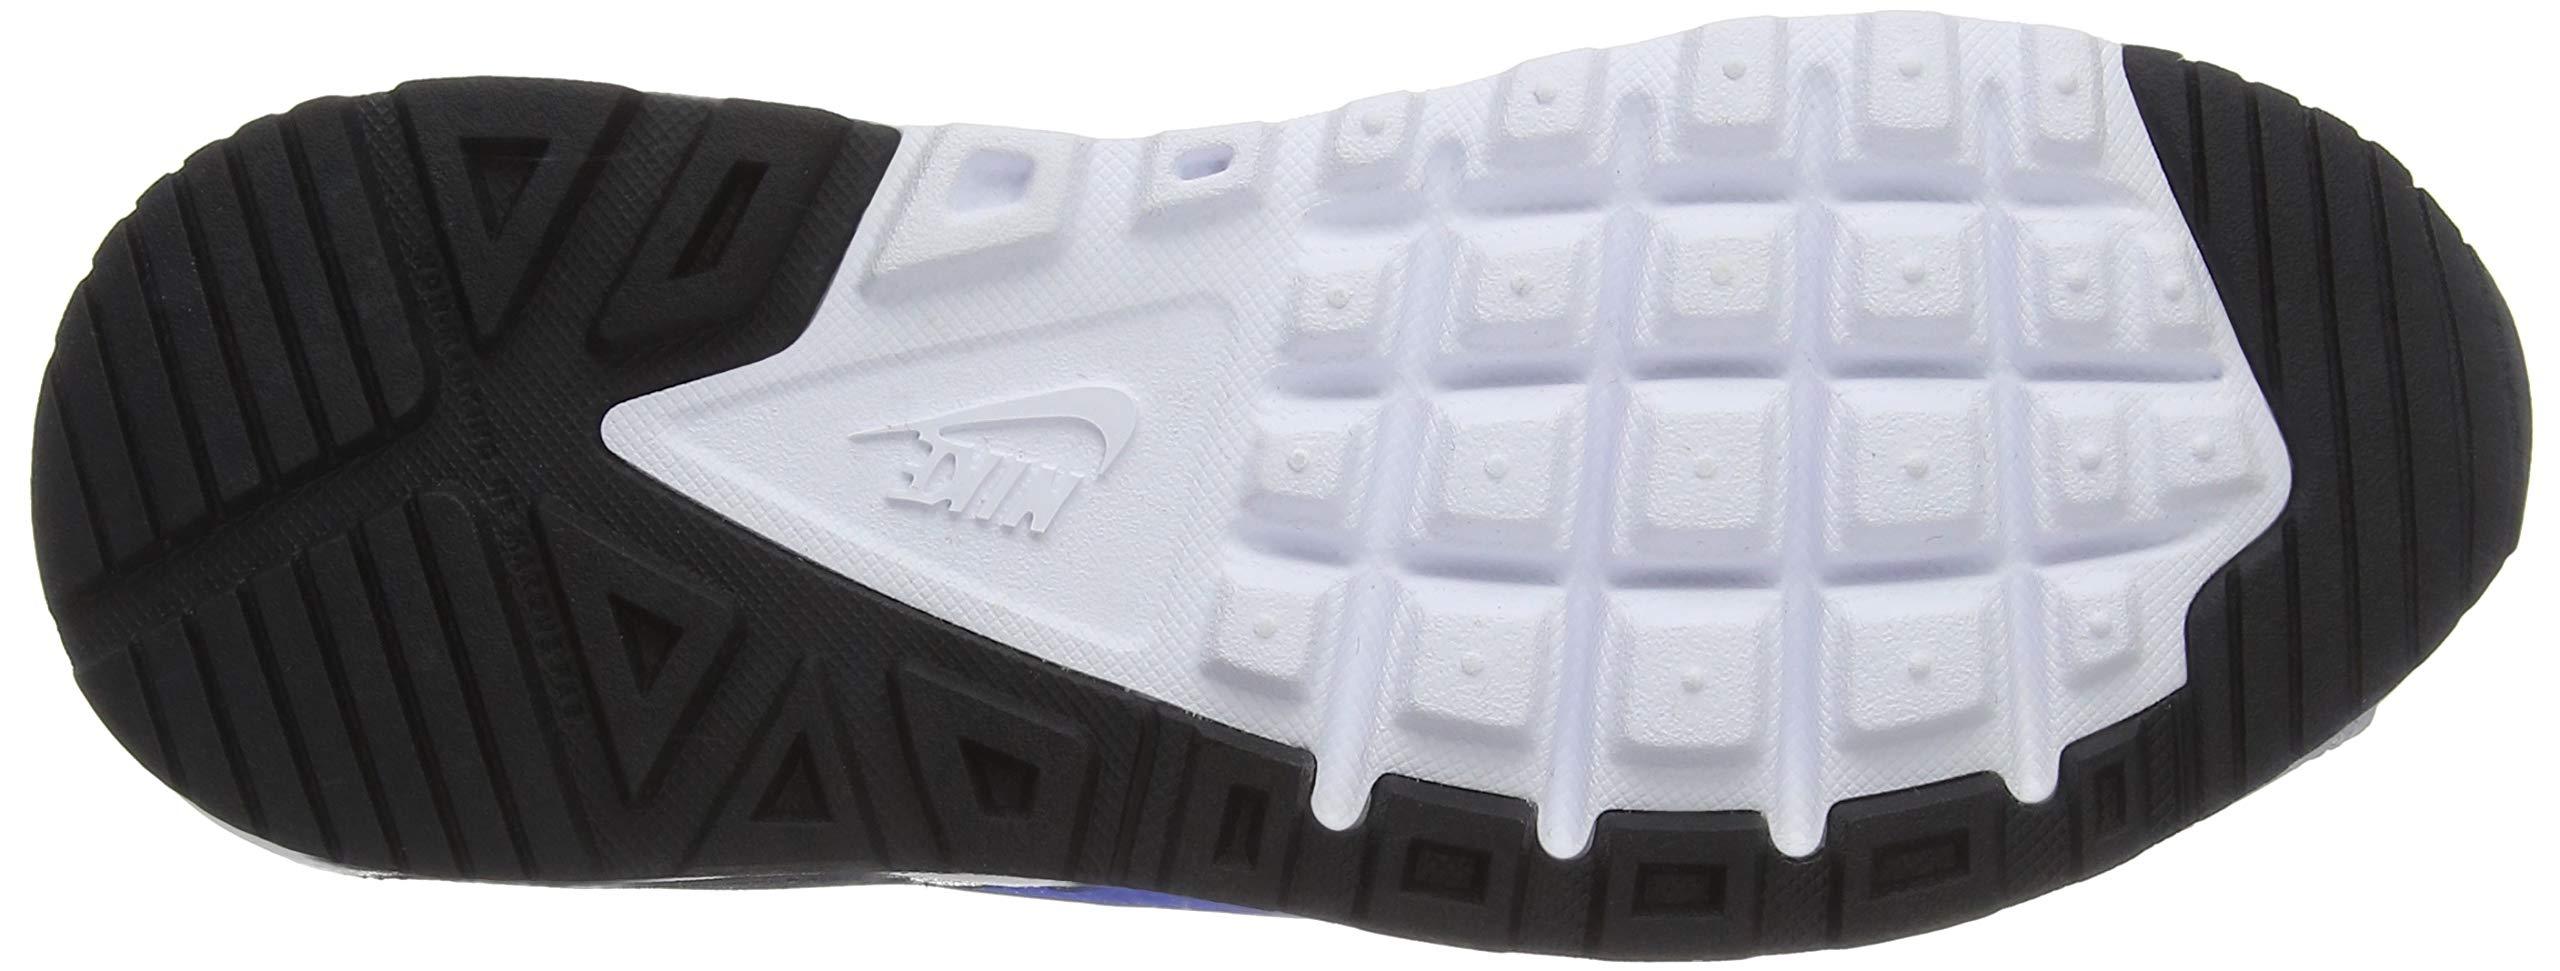 2206c36d7cc0a Nike Air Max Command Flex (GS)